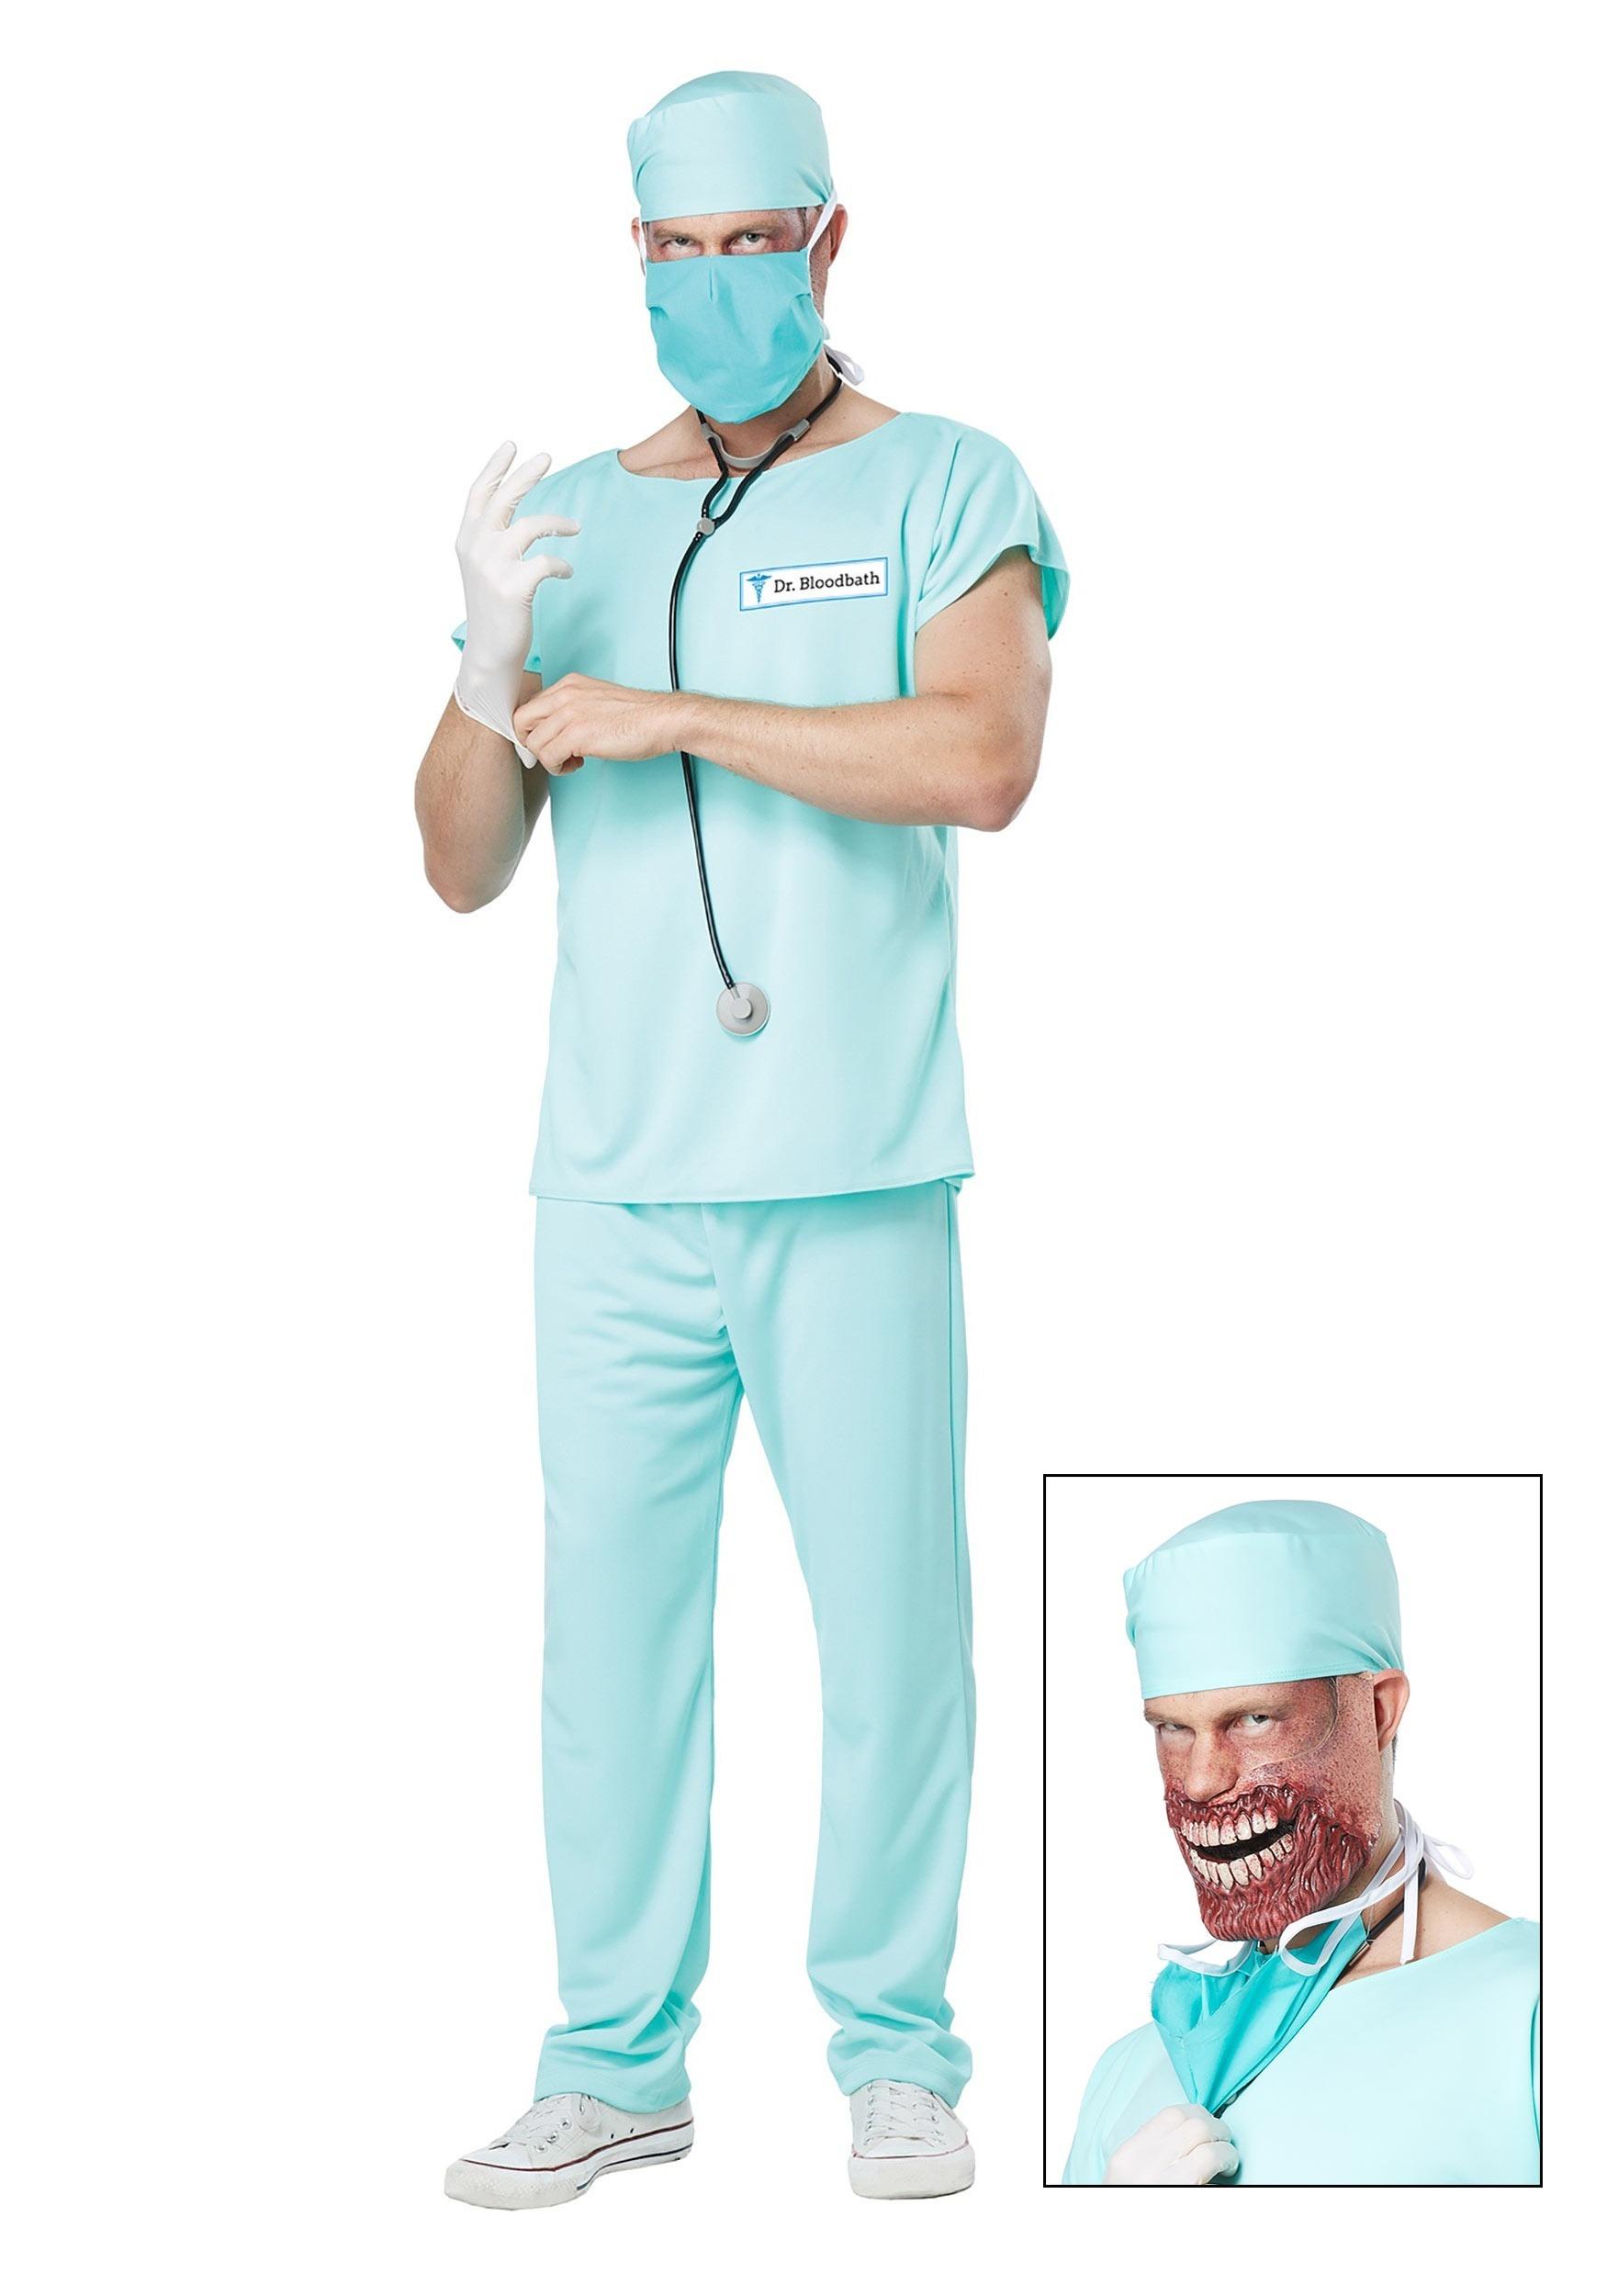 Doctor Costumes (for Men, Women, Kids) | PartiesCostume.com